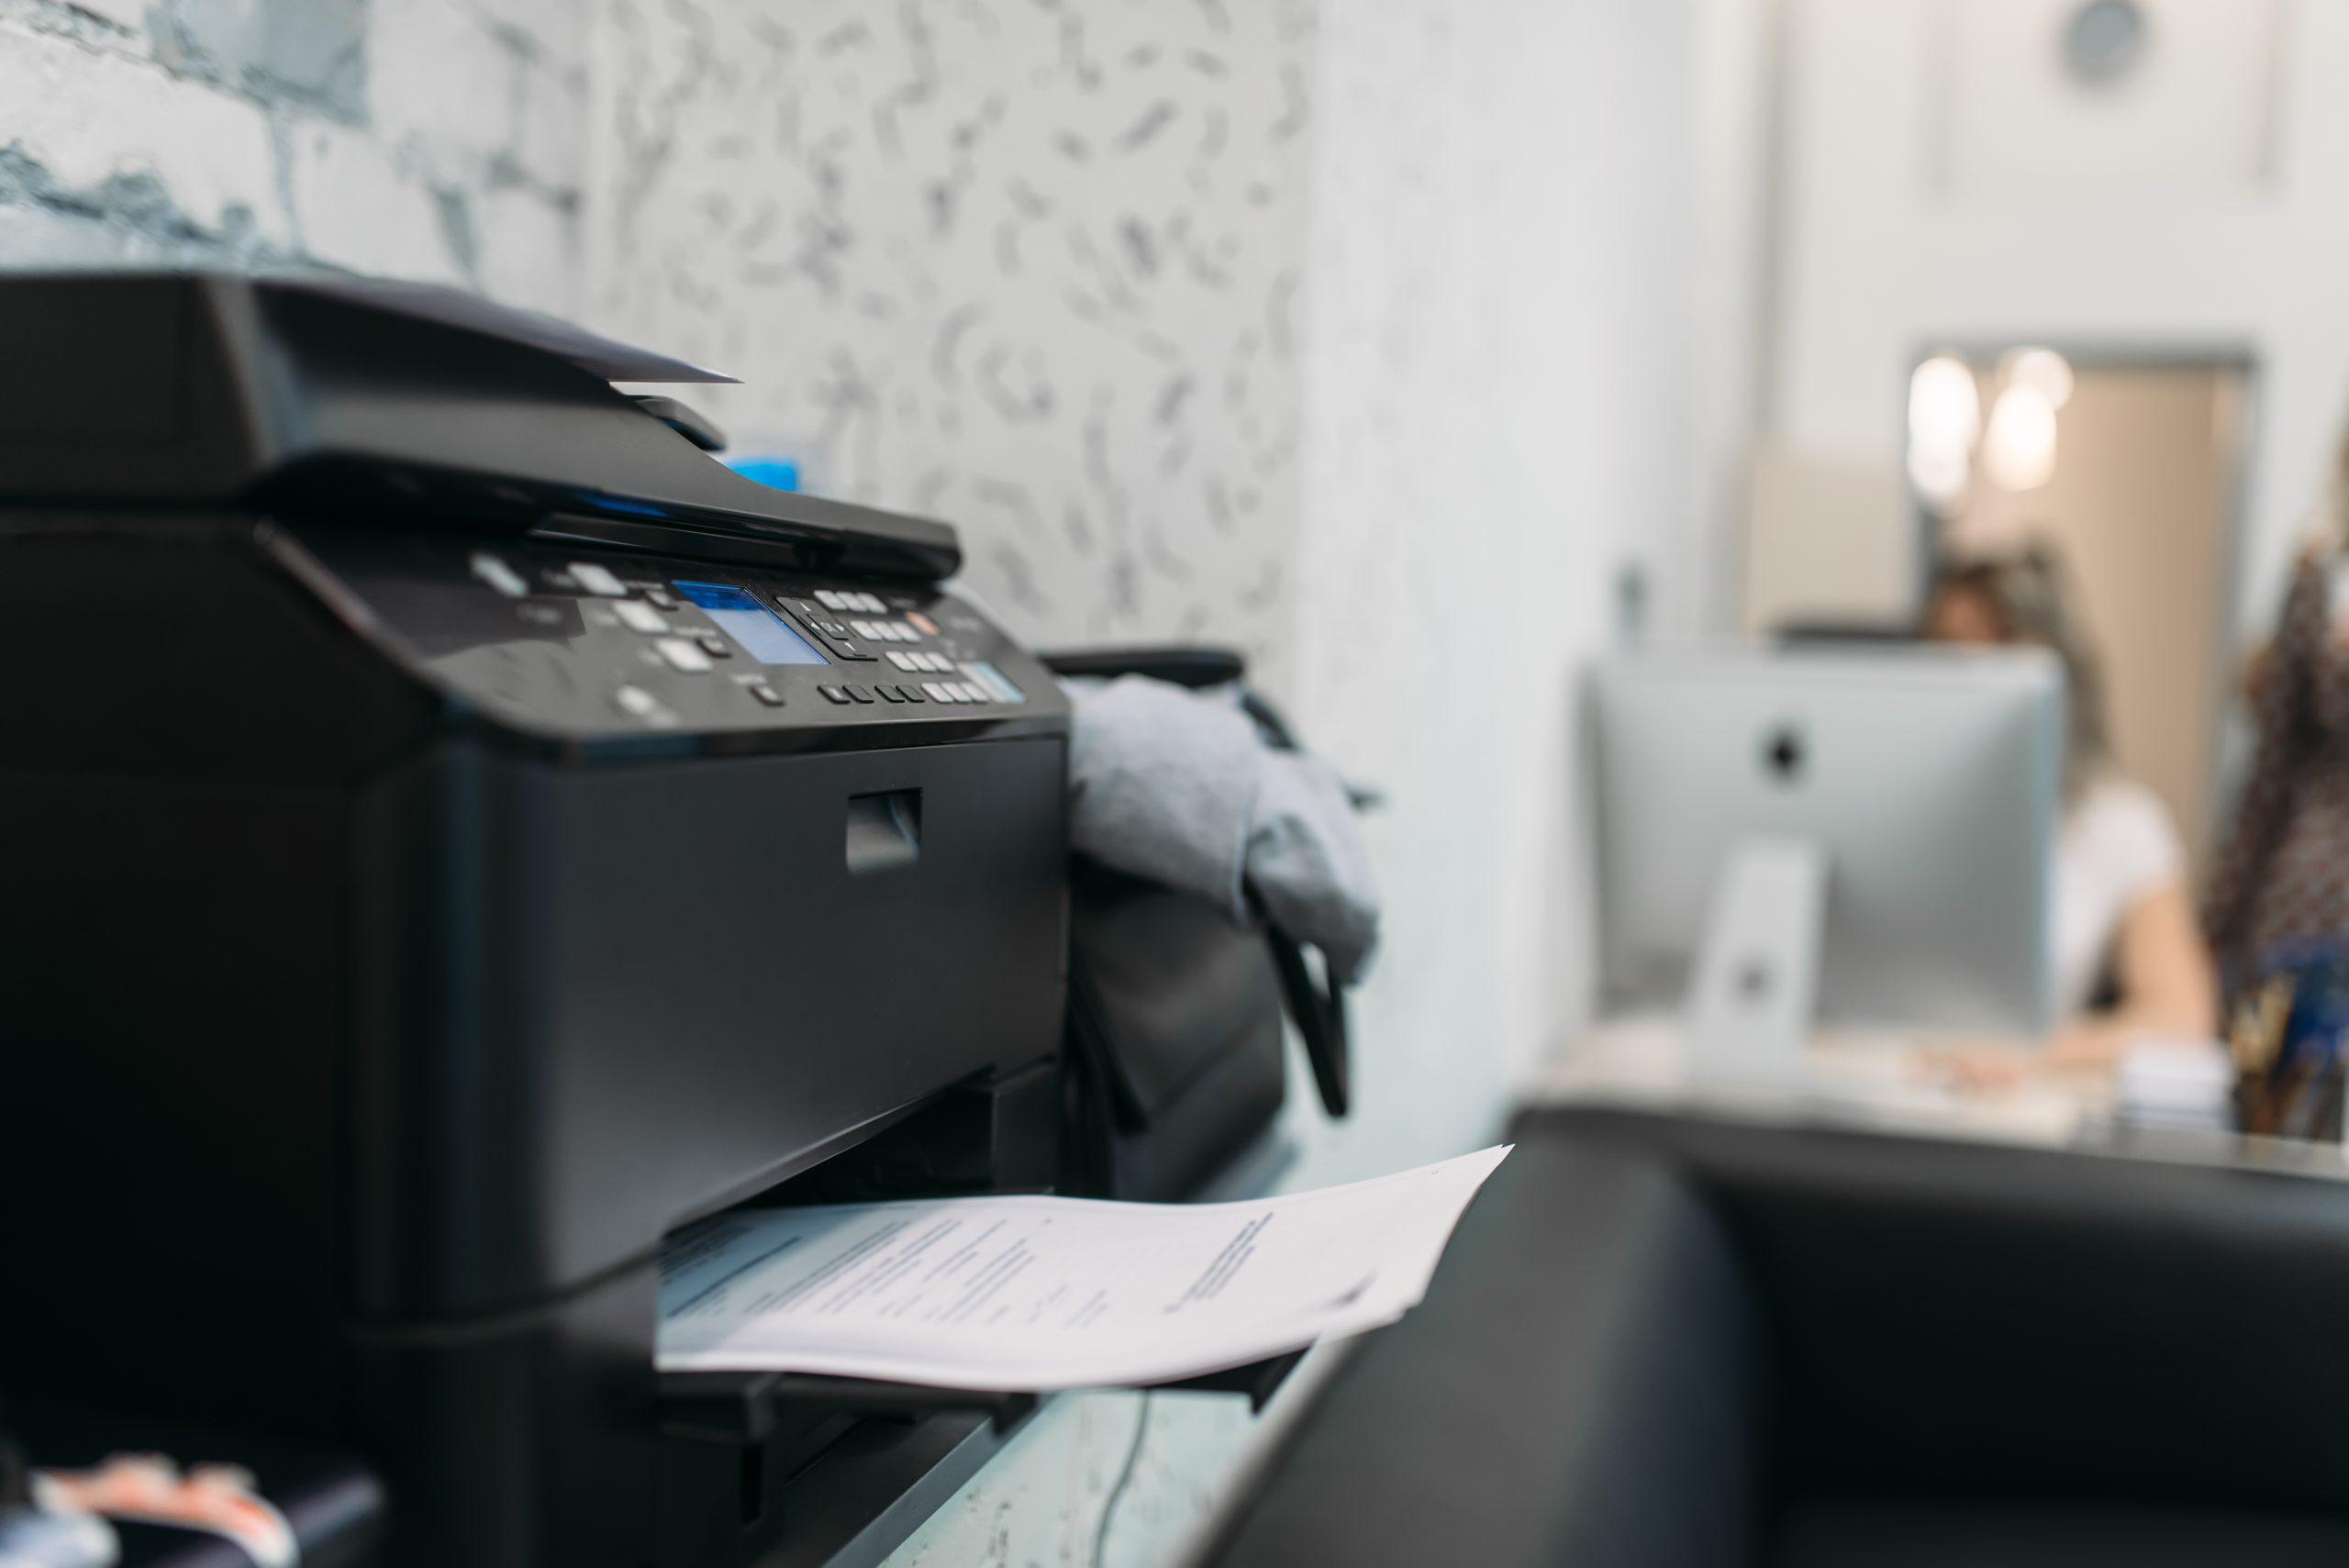 Meilleure imprimante sans fil